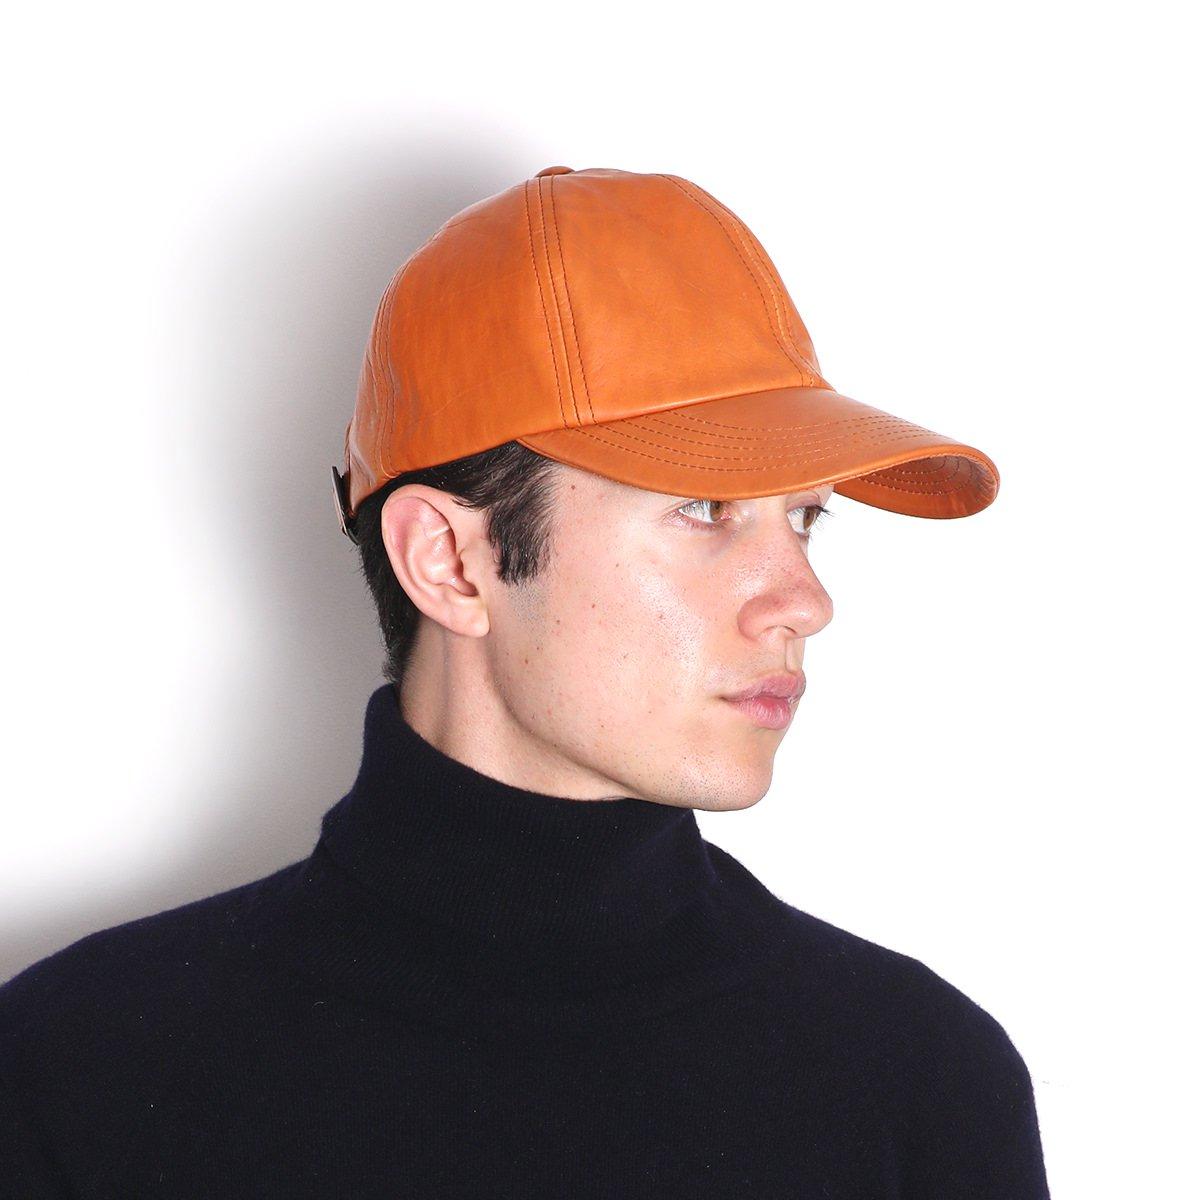 【SALE】LEATHER CAP 詳細画像7